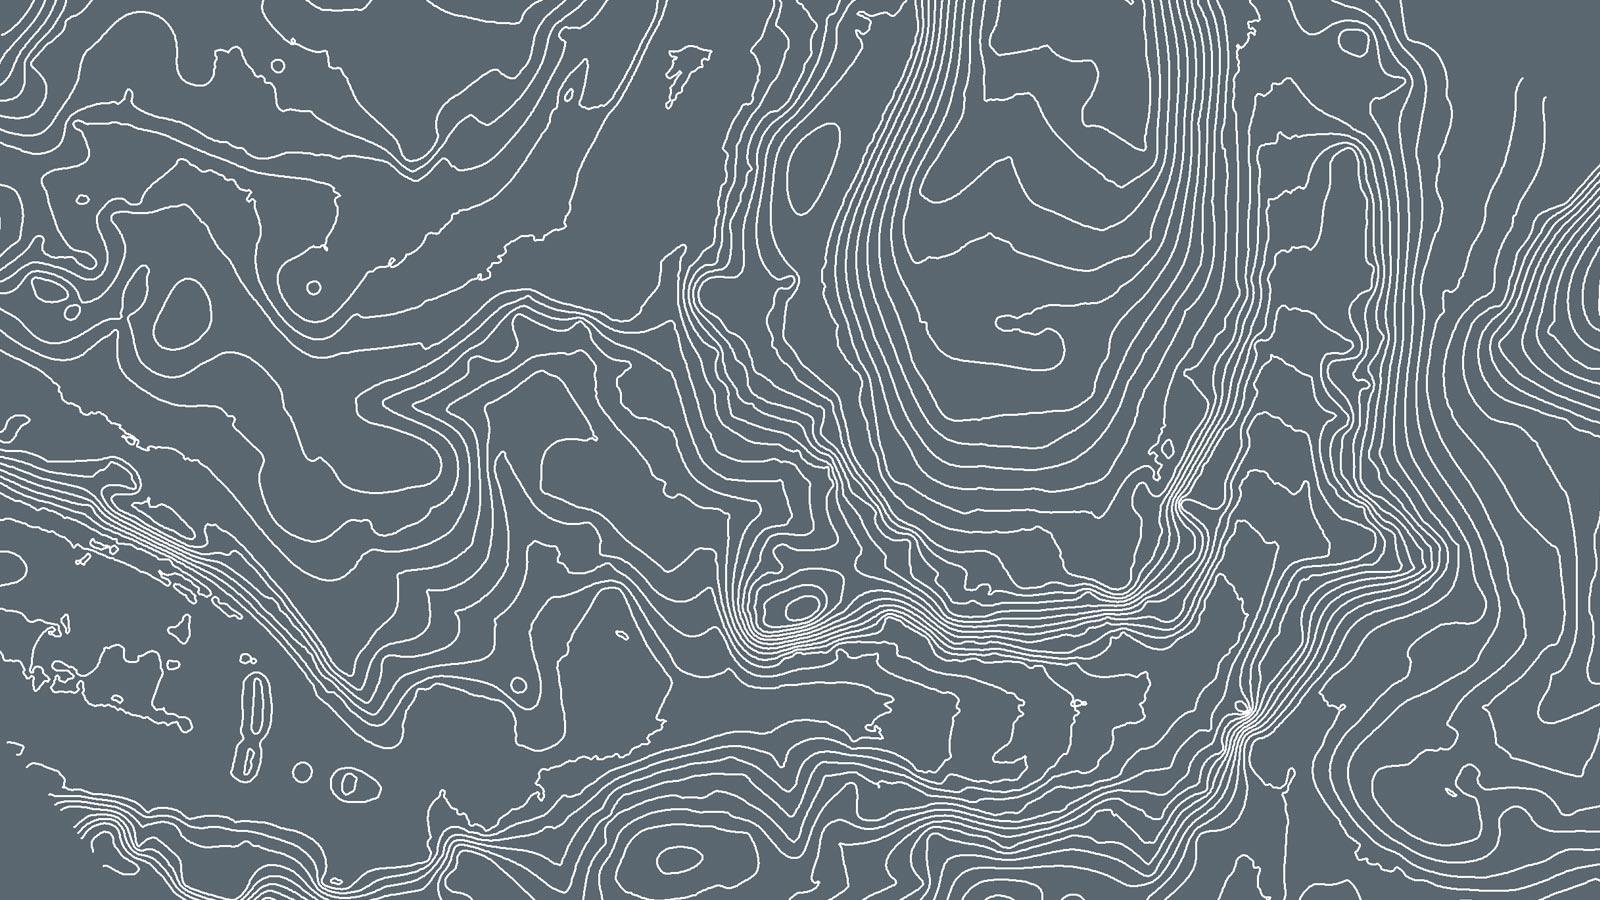 Pix4Dmapper output:  contour lines